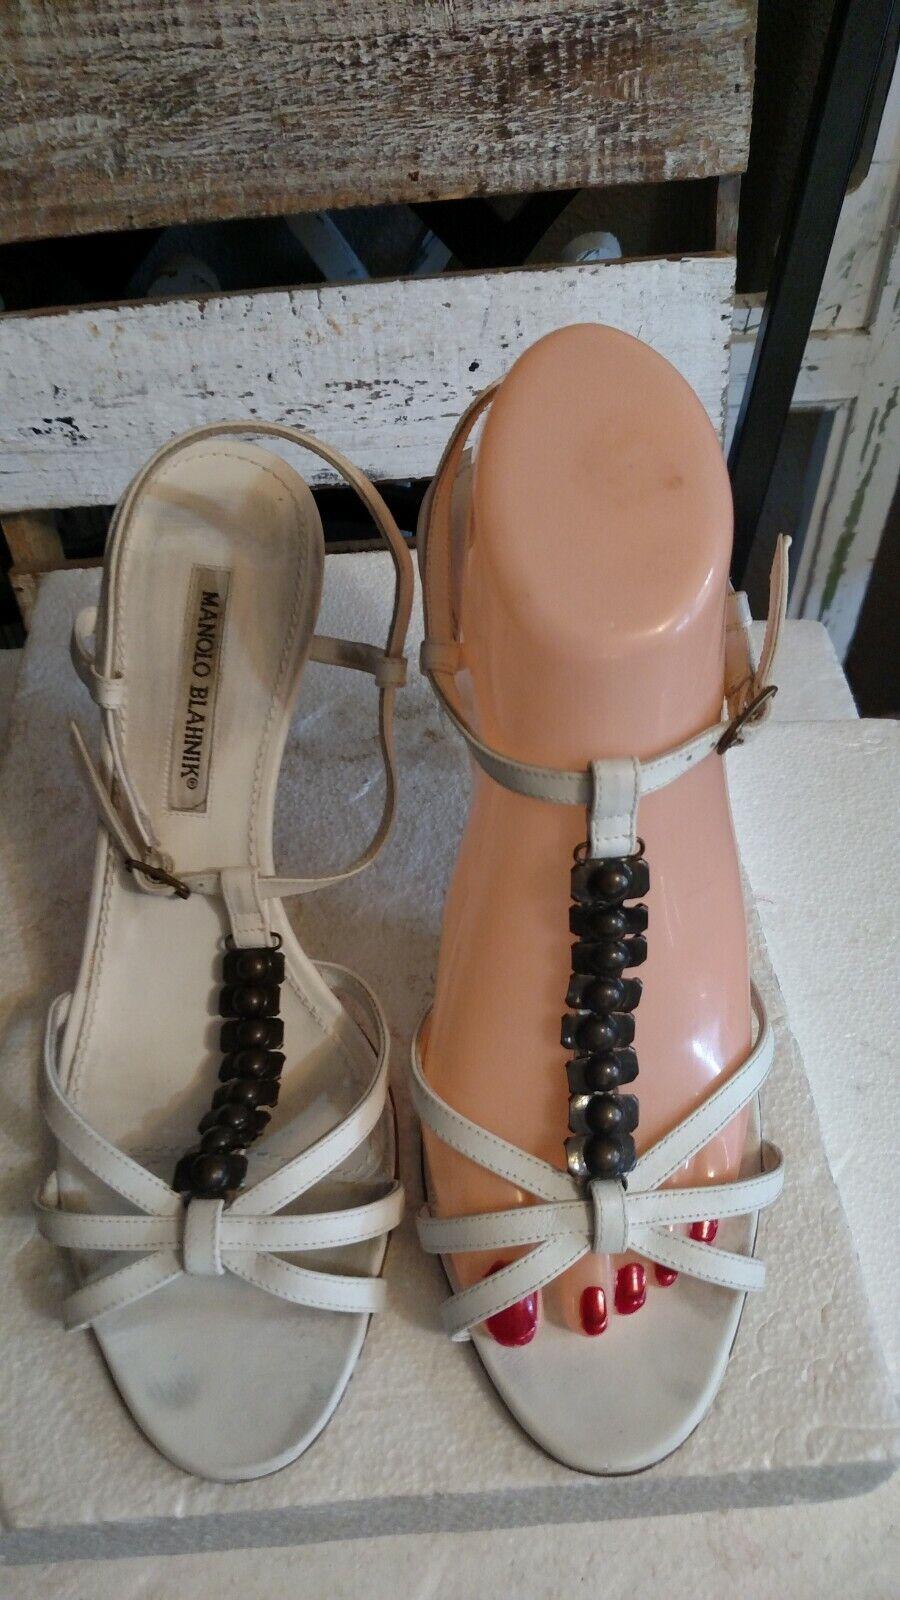 Manolo  Blahink  515 pelle bianca Strappy Open Pump Sandals 40 accenti metallici  Spedizione gratuita per tutti gli ordini